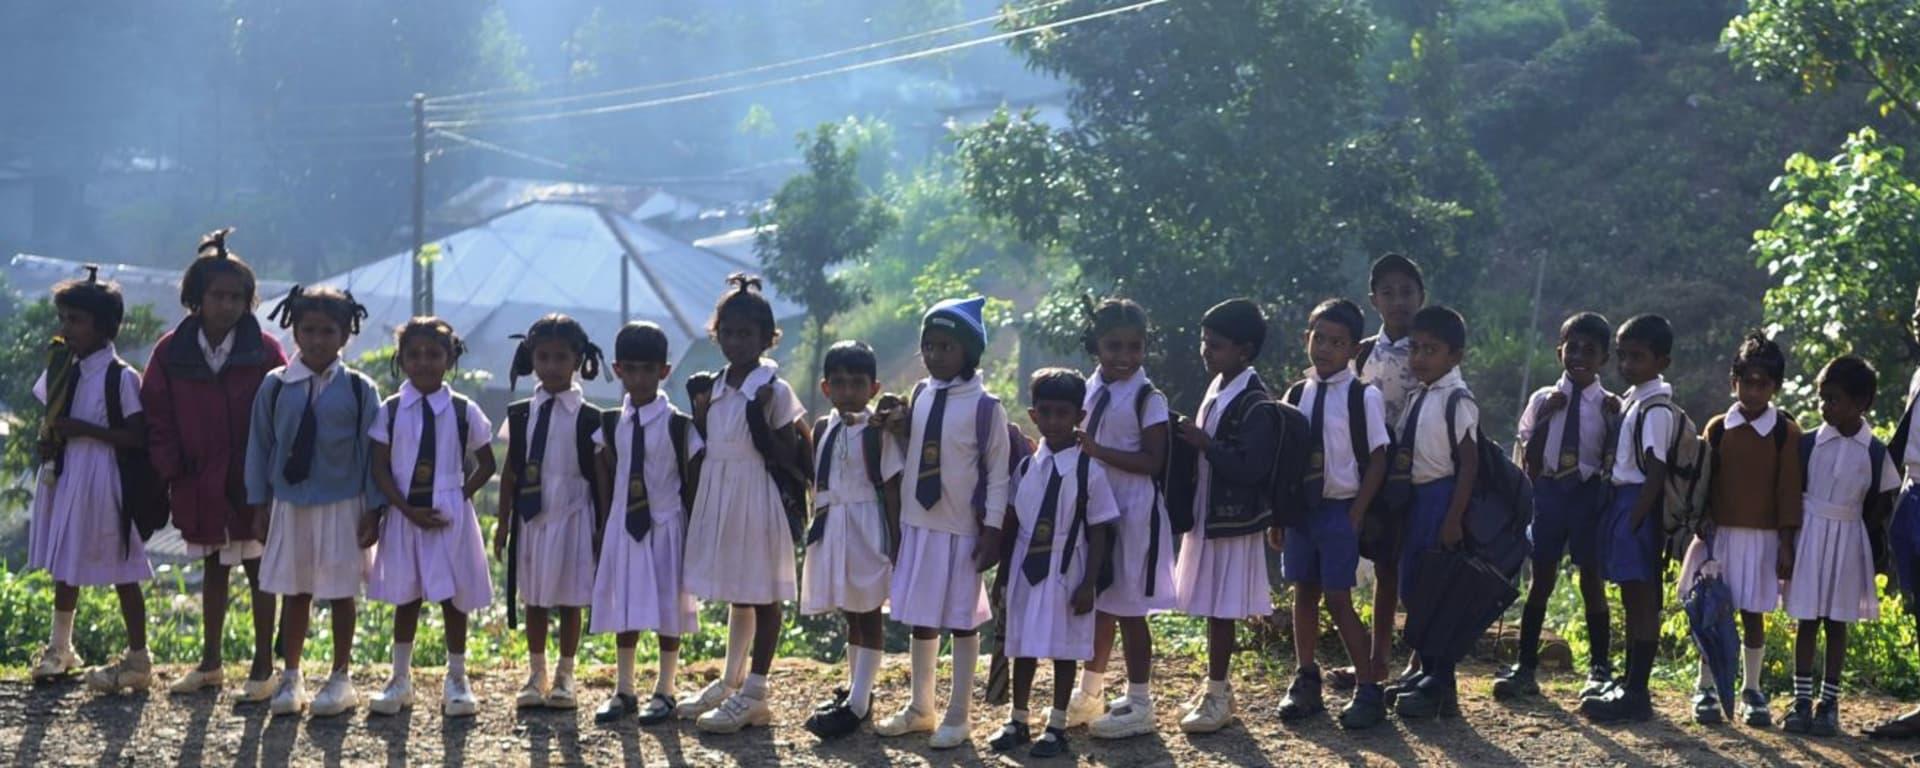 Wissenswertes zu Sri Lanka Reisen und Ferien: School kids